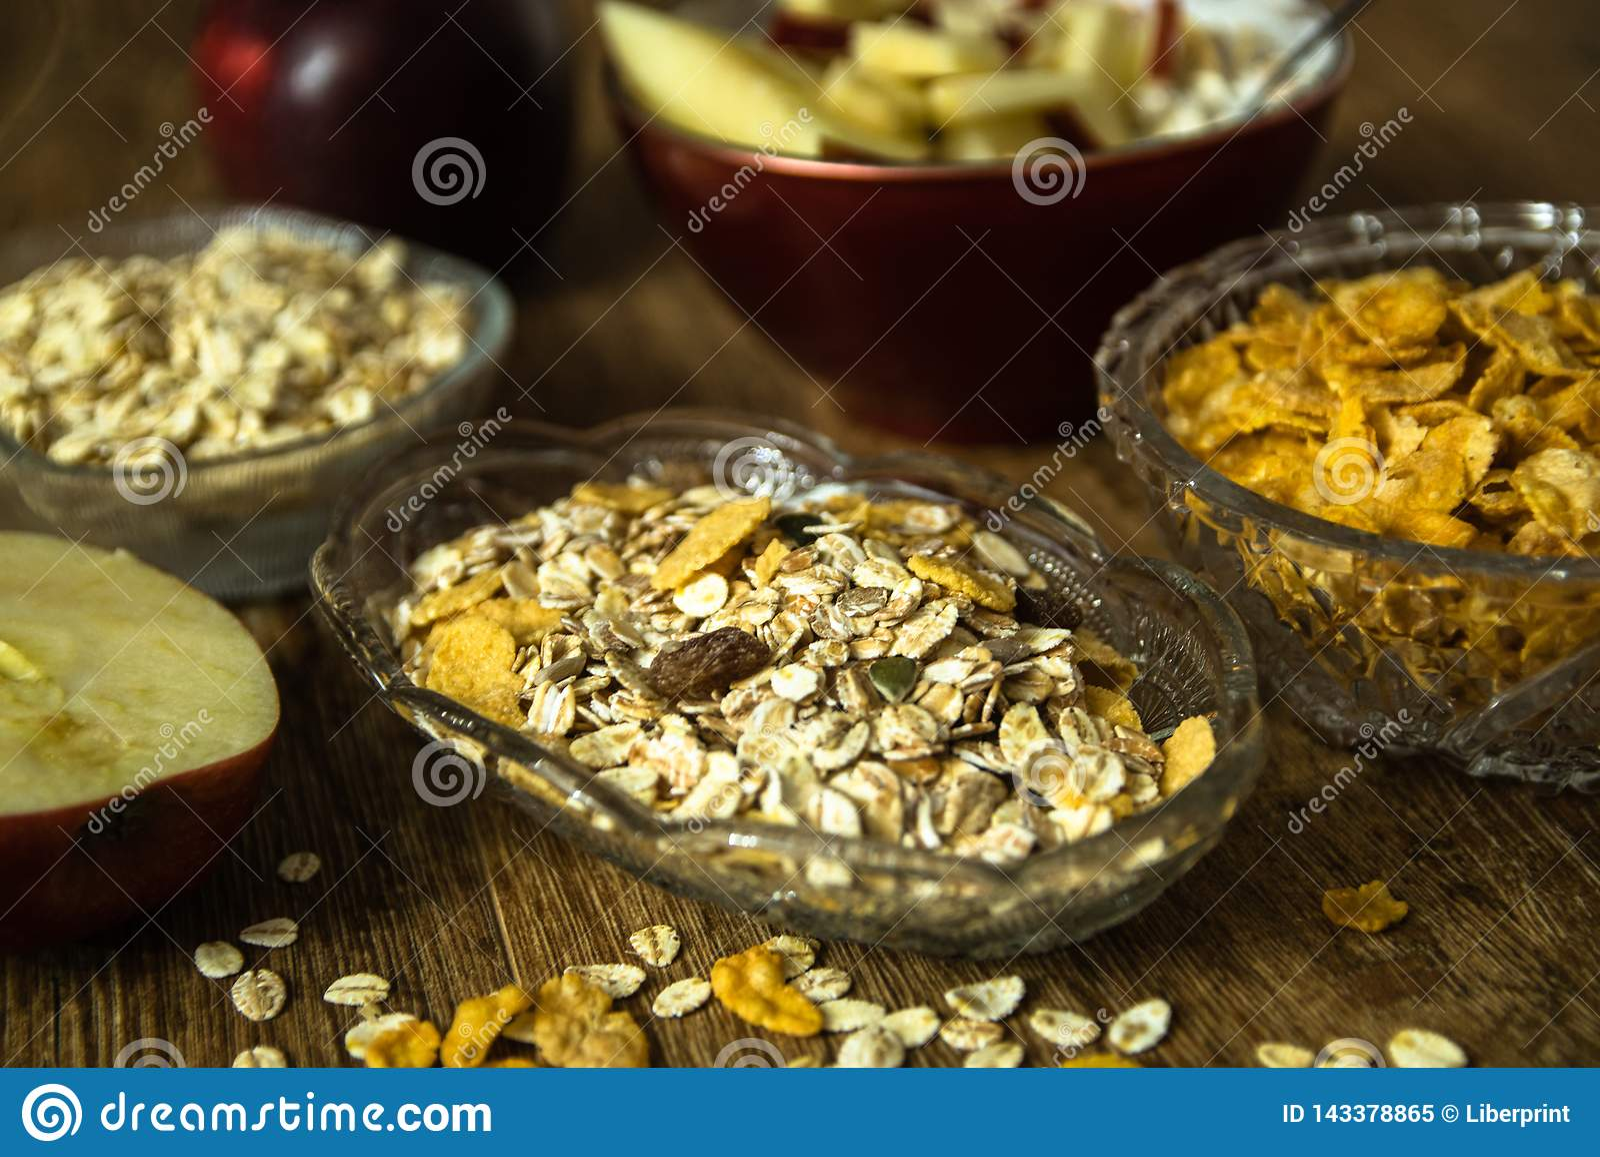 Muesli z wysuszonym - owoc, Jęczmienny płatek, świeży organicznie czerwony jabłko i kukurydzani płatki,